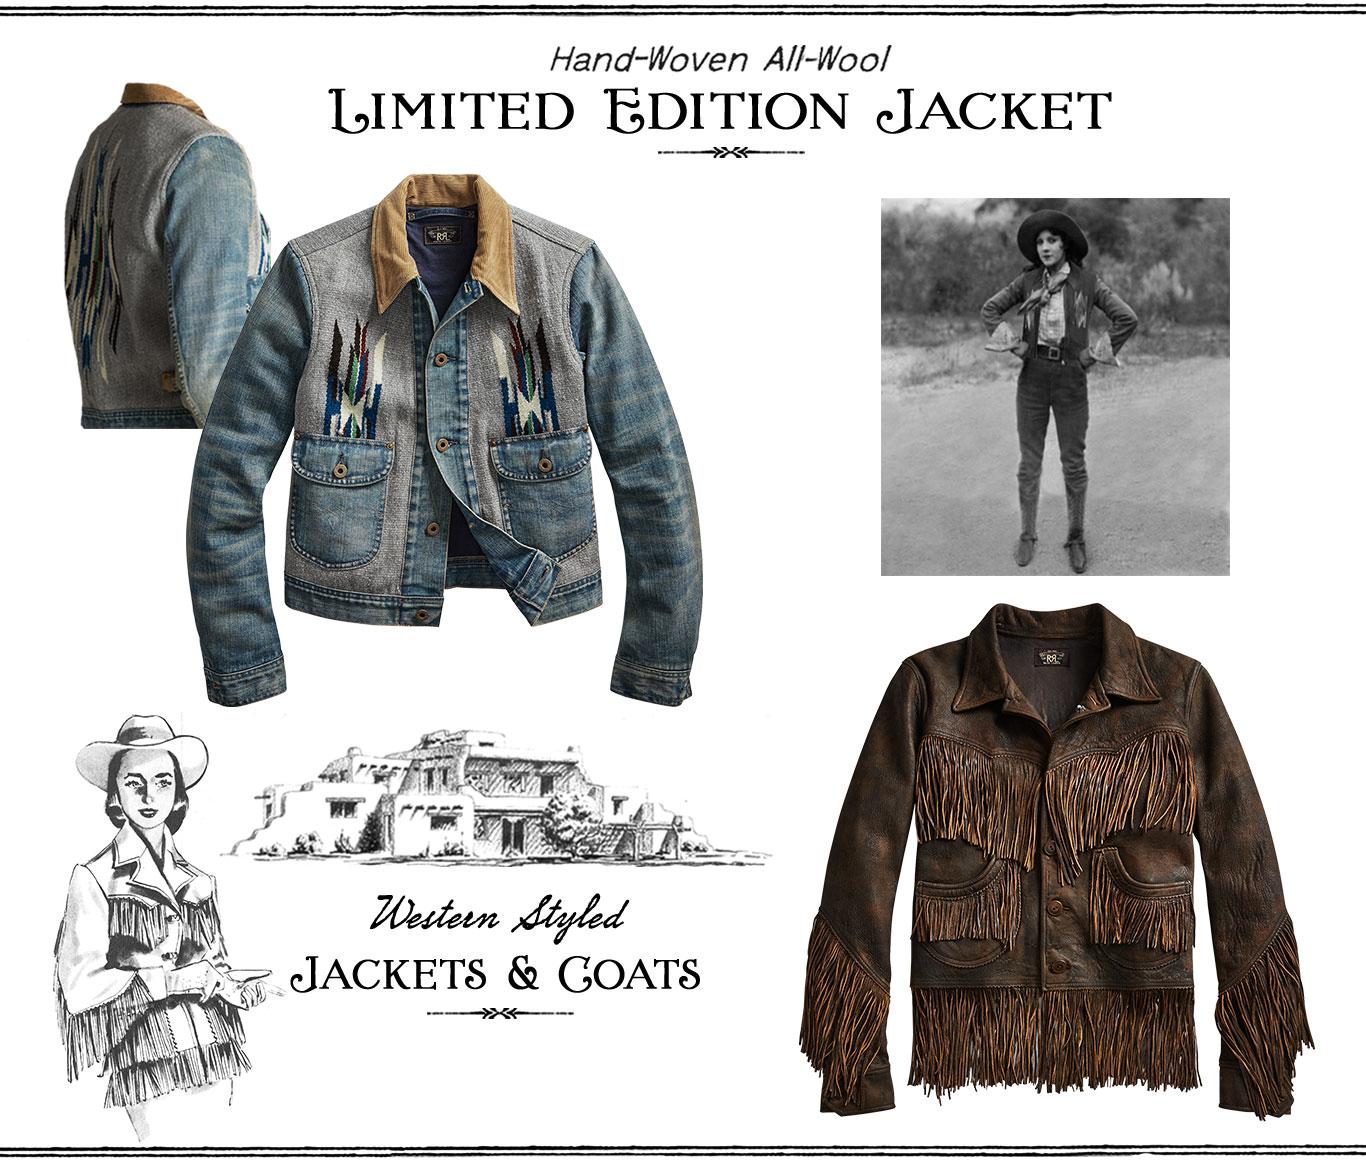 Denim-and-wool & fringe leather Southwestern-inspired jackets